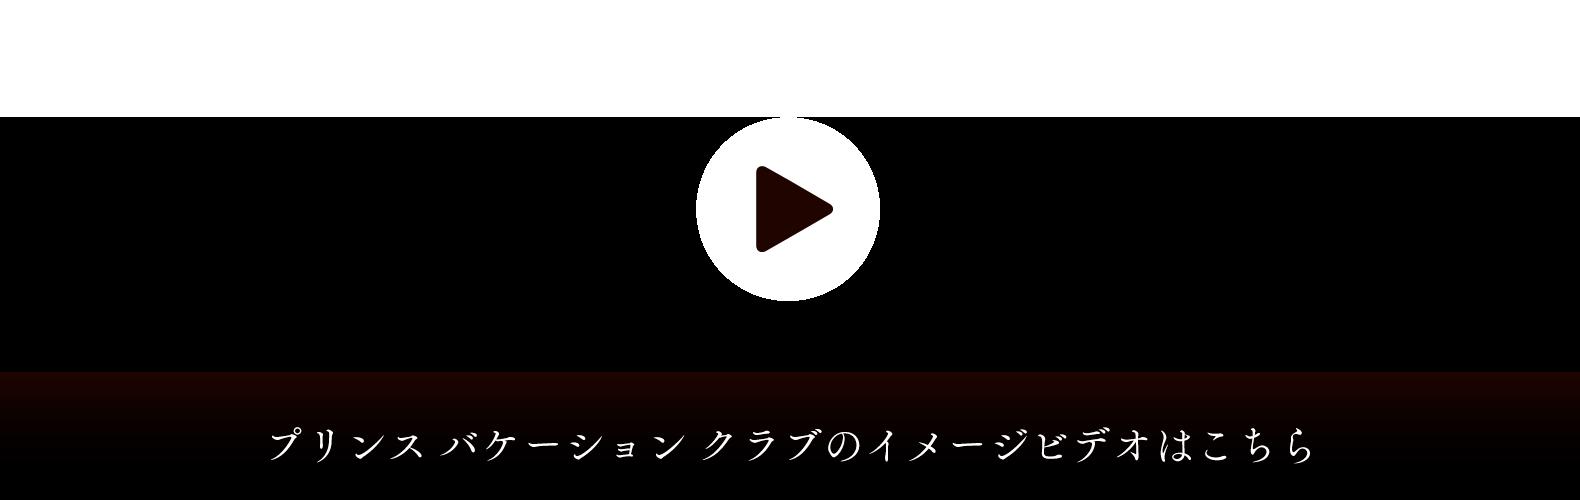 プリンス バケーション クラブ 公式 軽井沢 伊豆長岡 prince